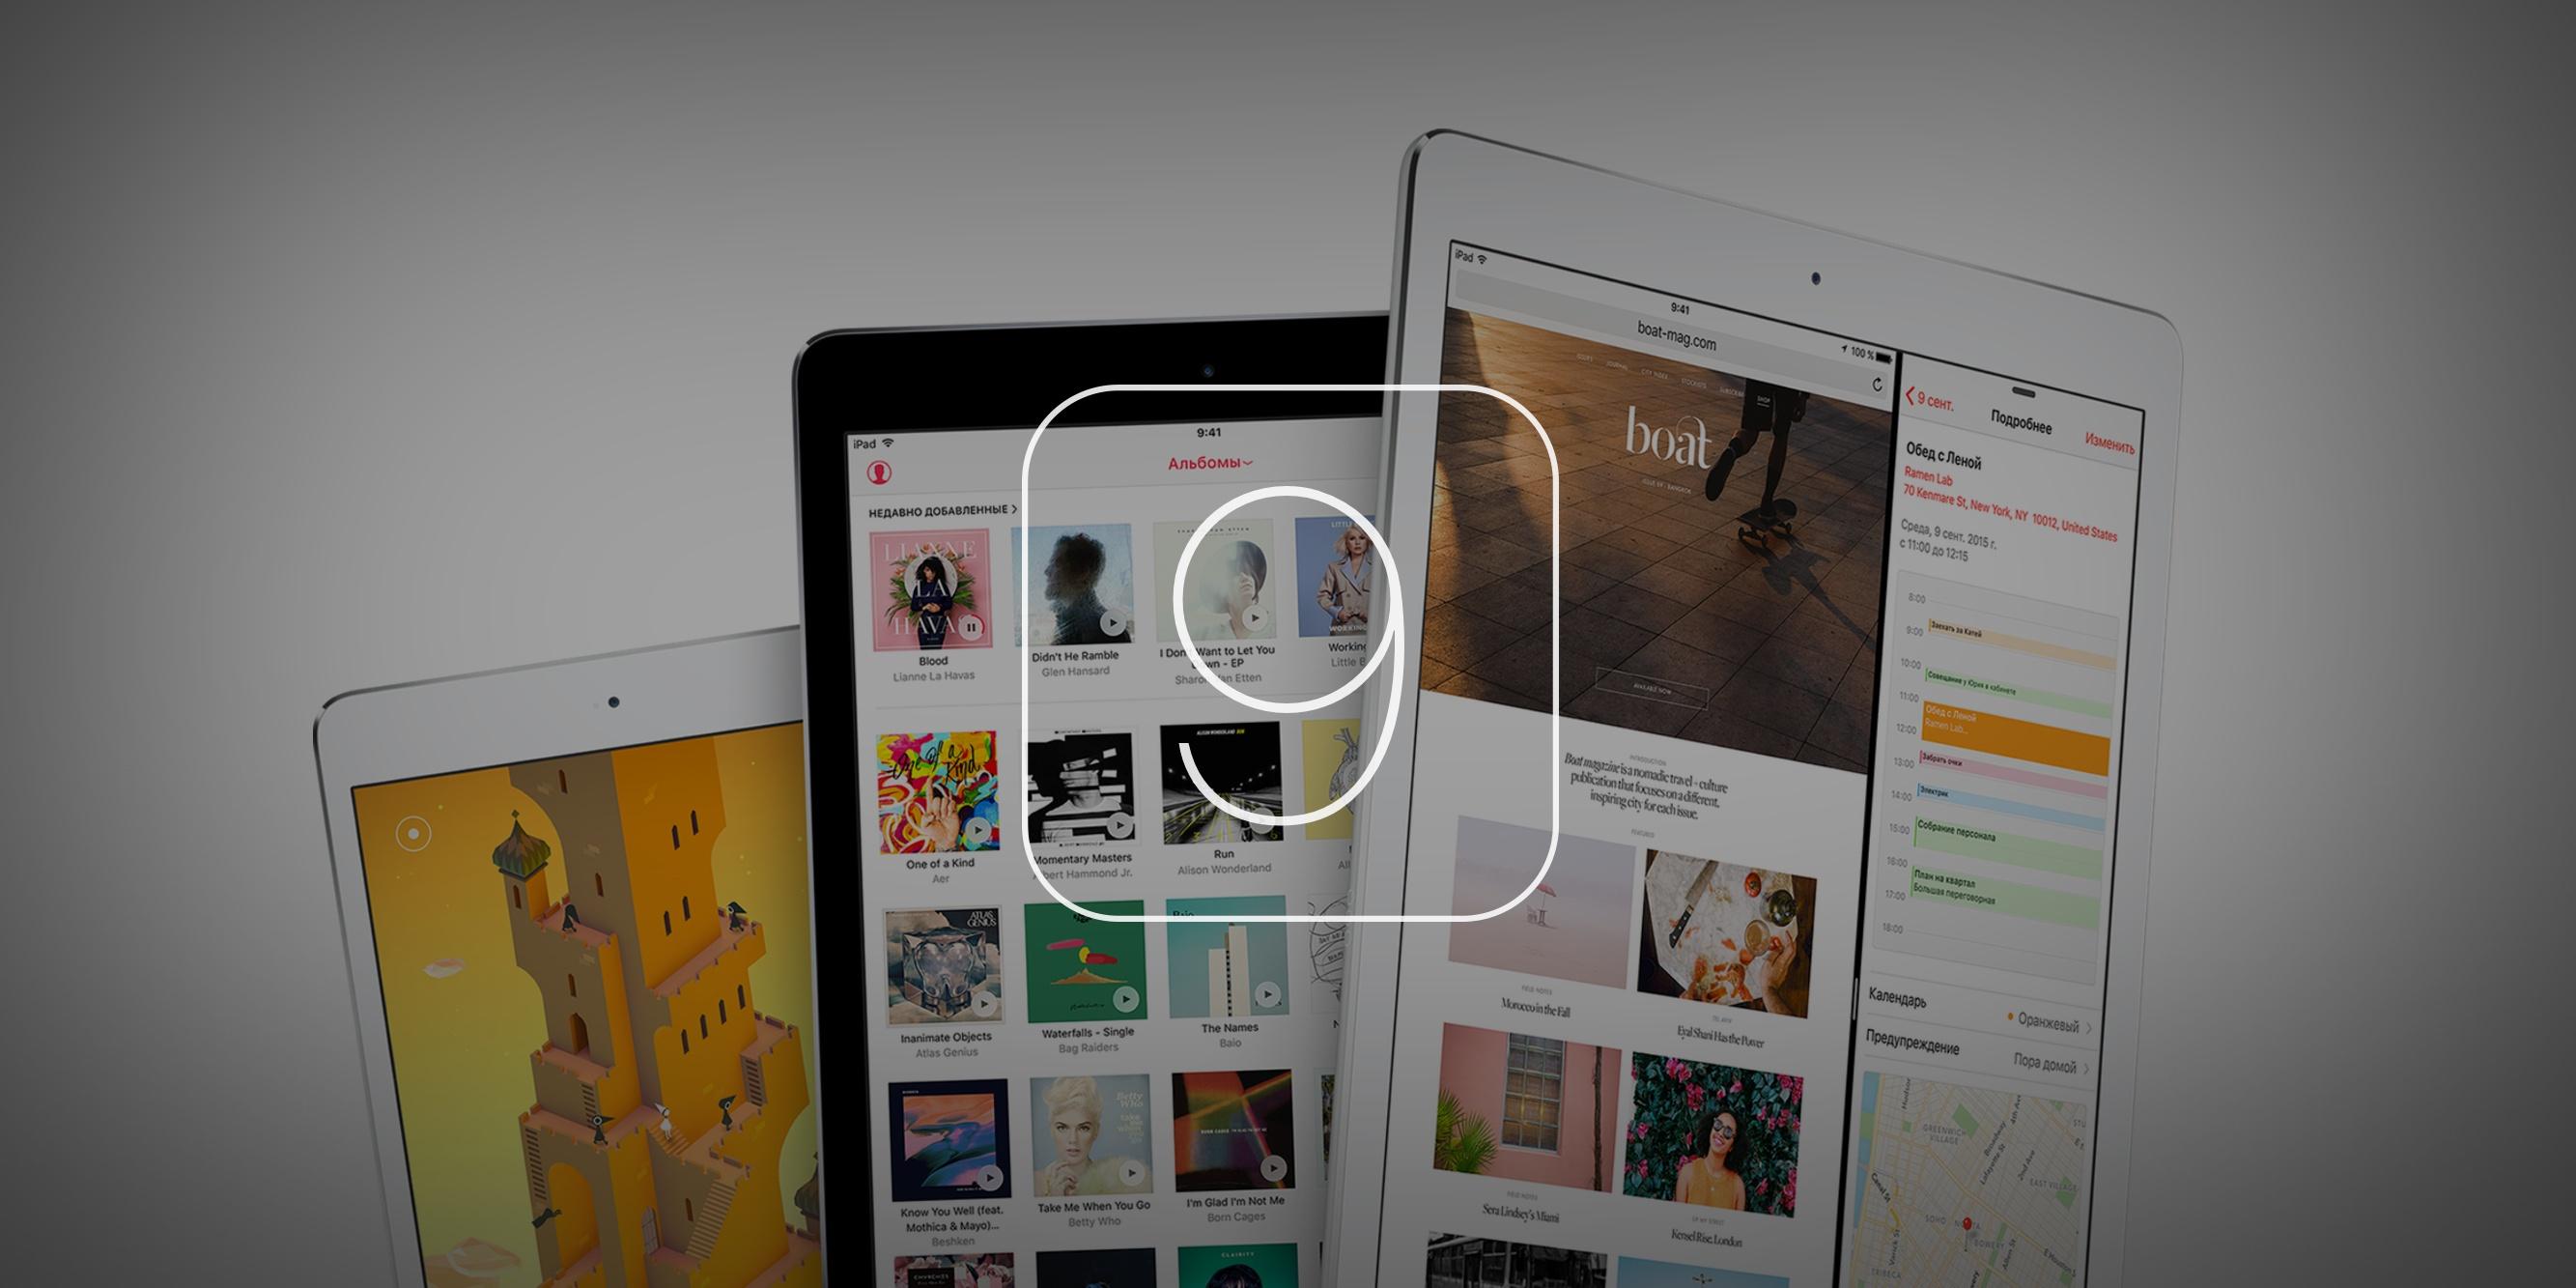 iOS 9 уже вышла, но ее нельзя установить